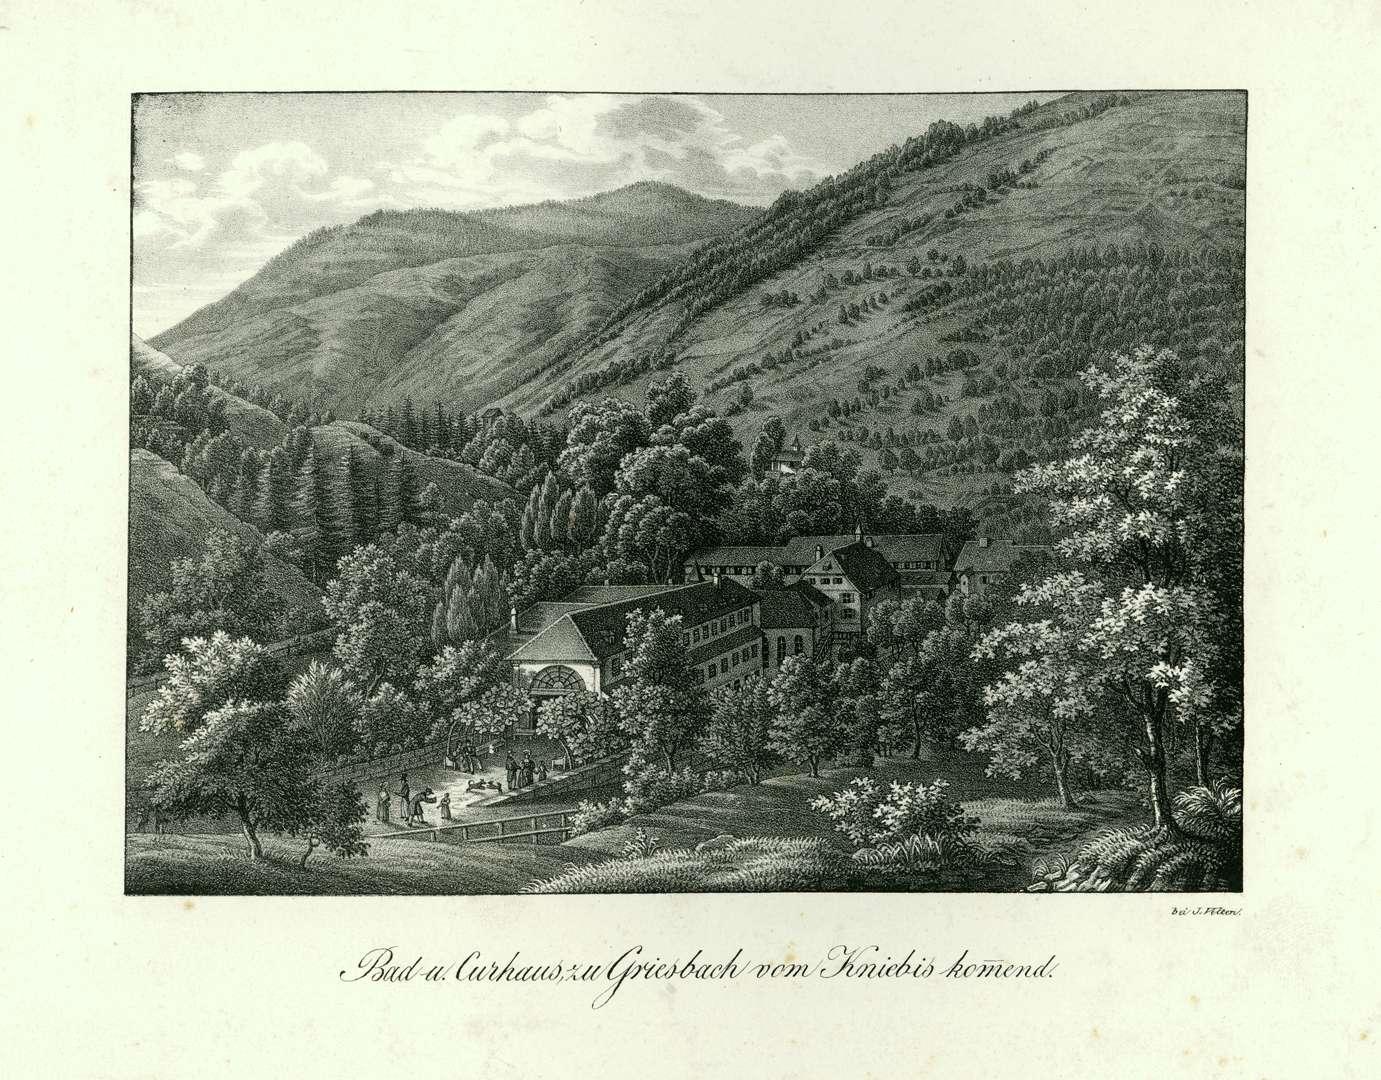 Bad u. Curhaus zu Griesbach vom Kniebis kommend, Bild 1